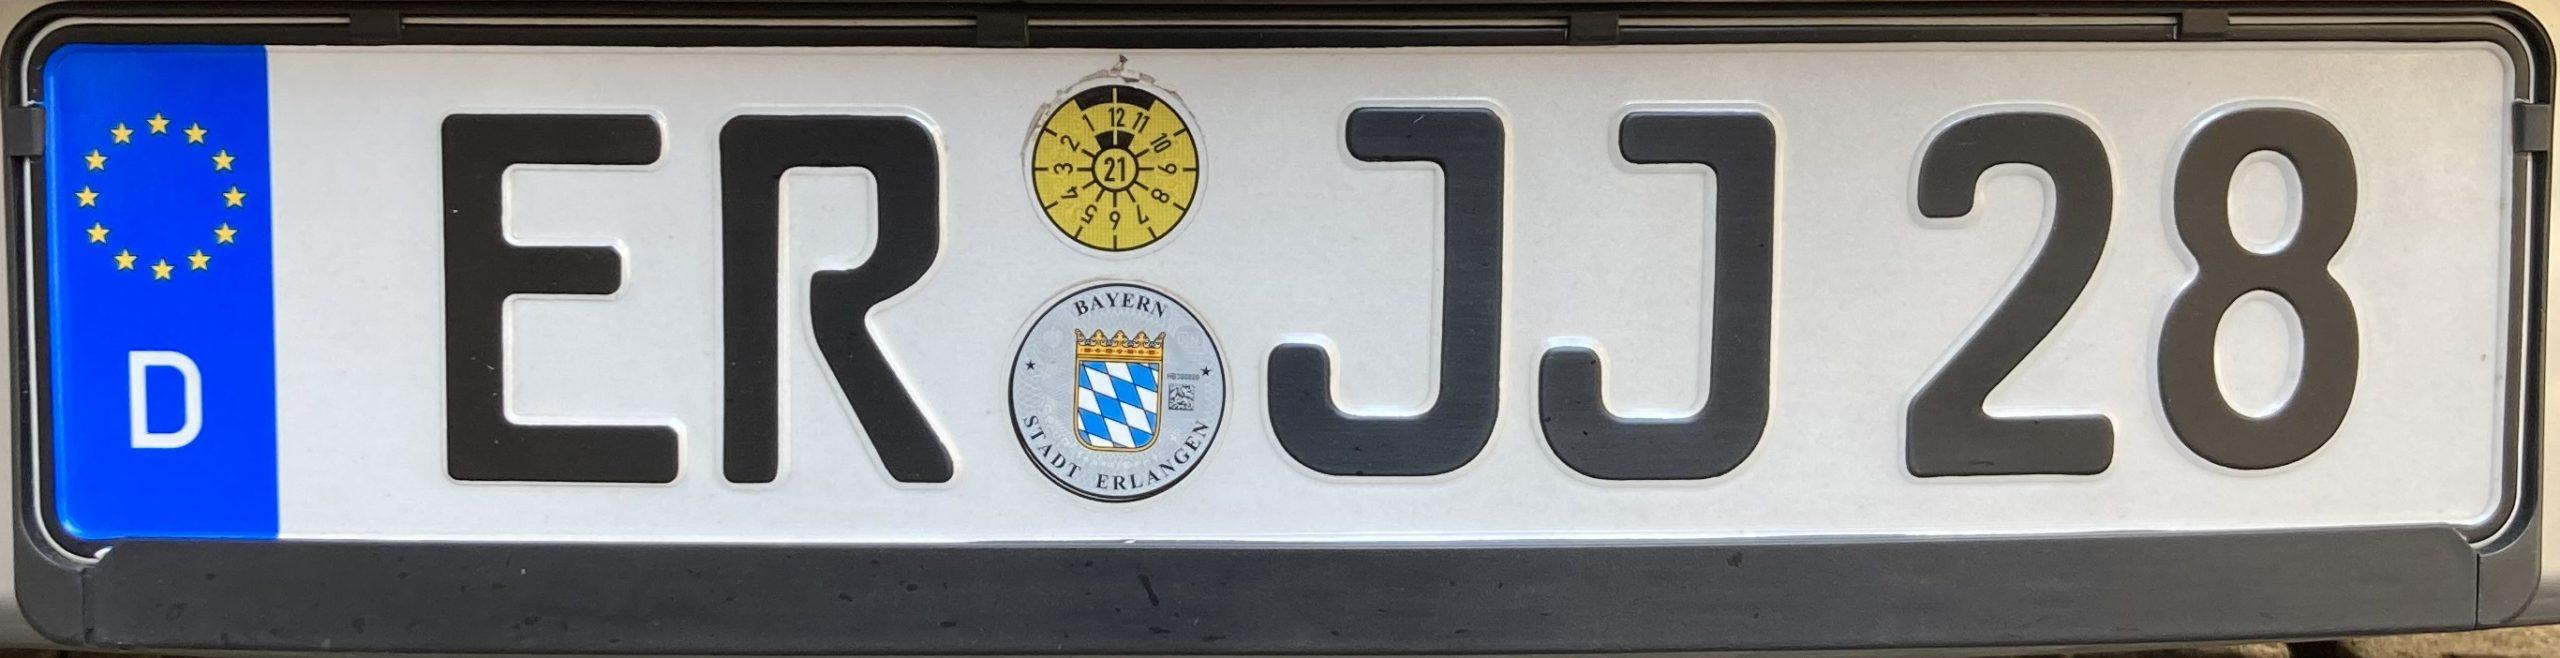 Registrační značky Německo - ER - Erlangen, foto: www.podalnici.cz